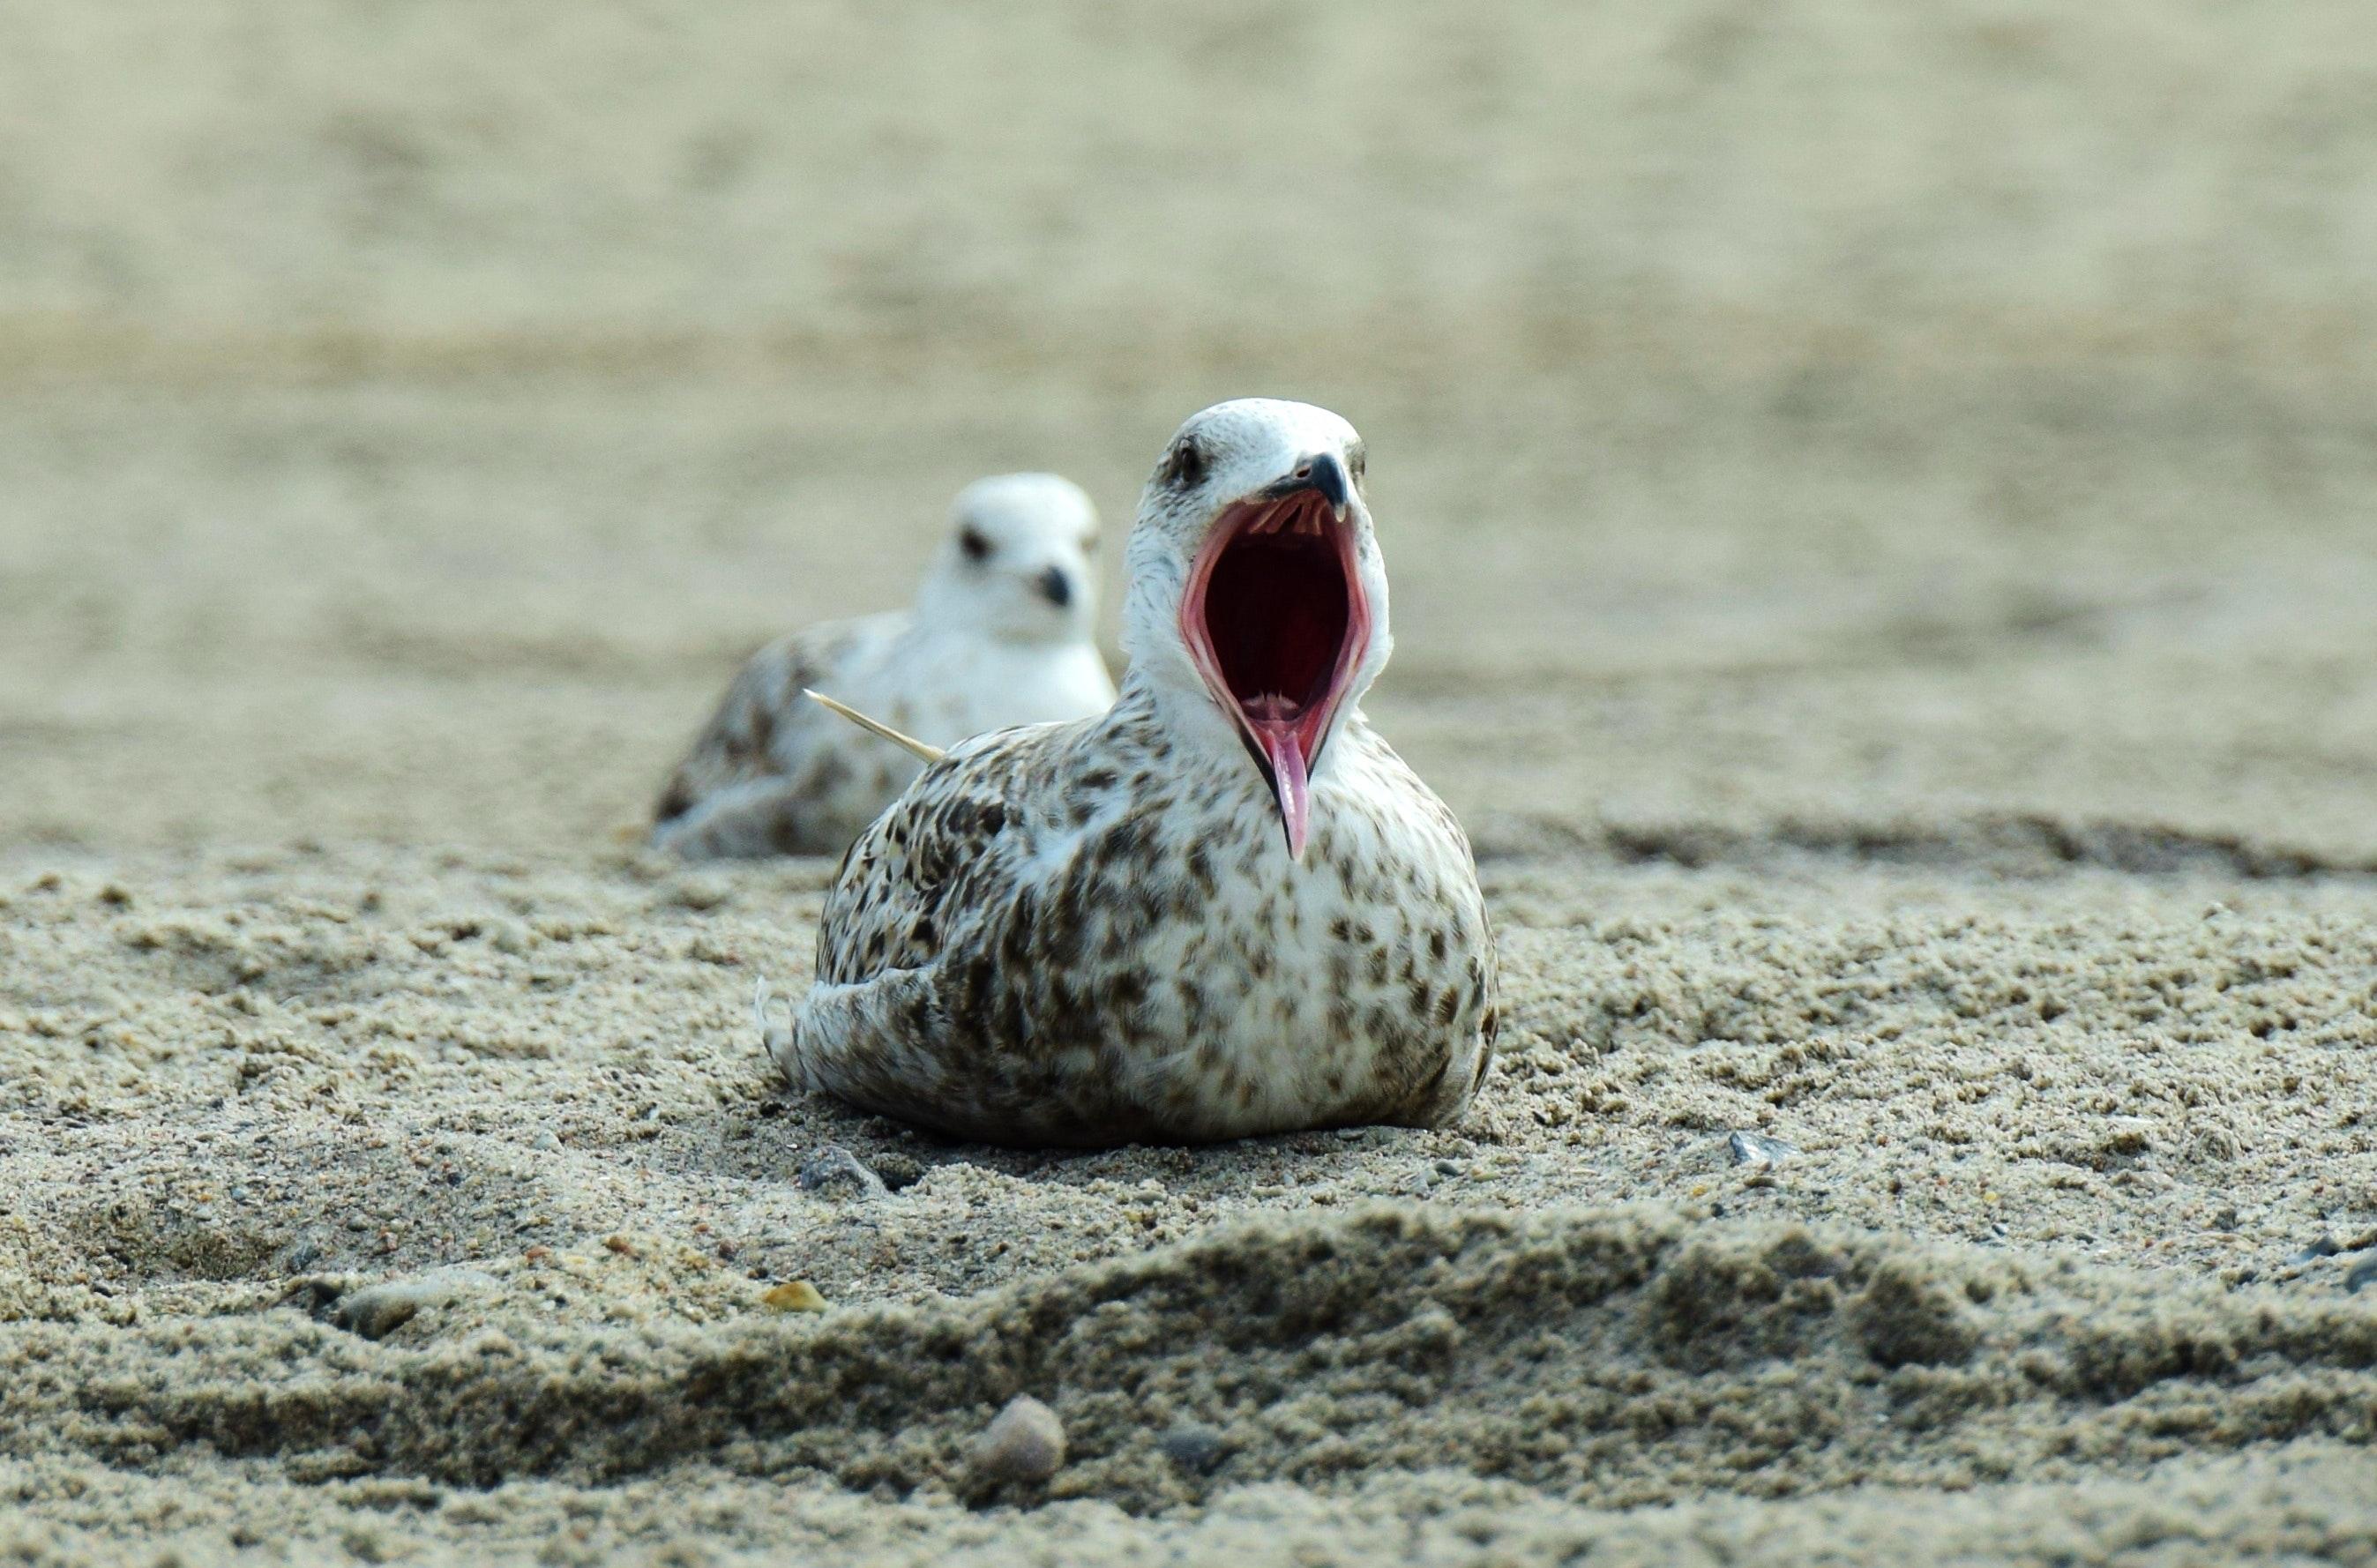 Close-up of bird on beach photo